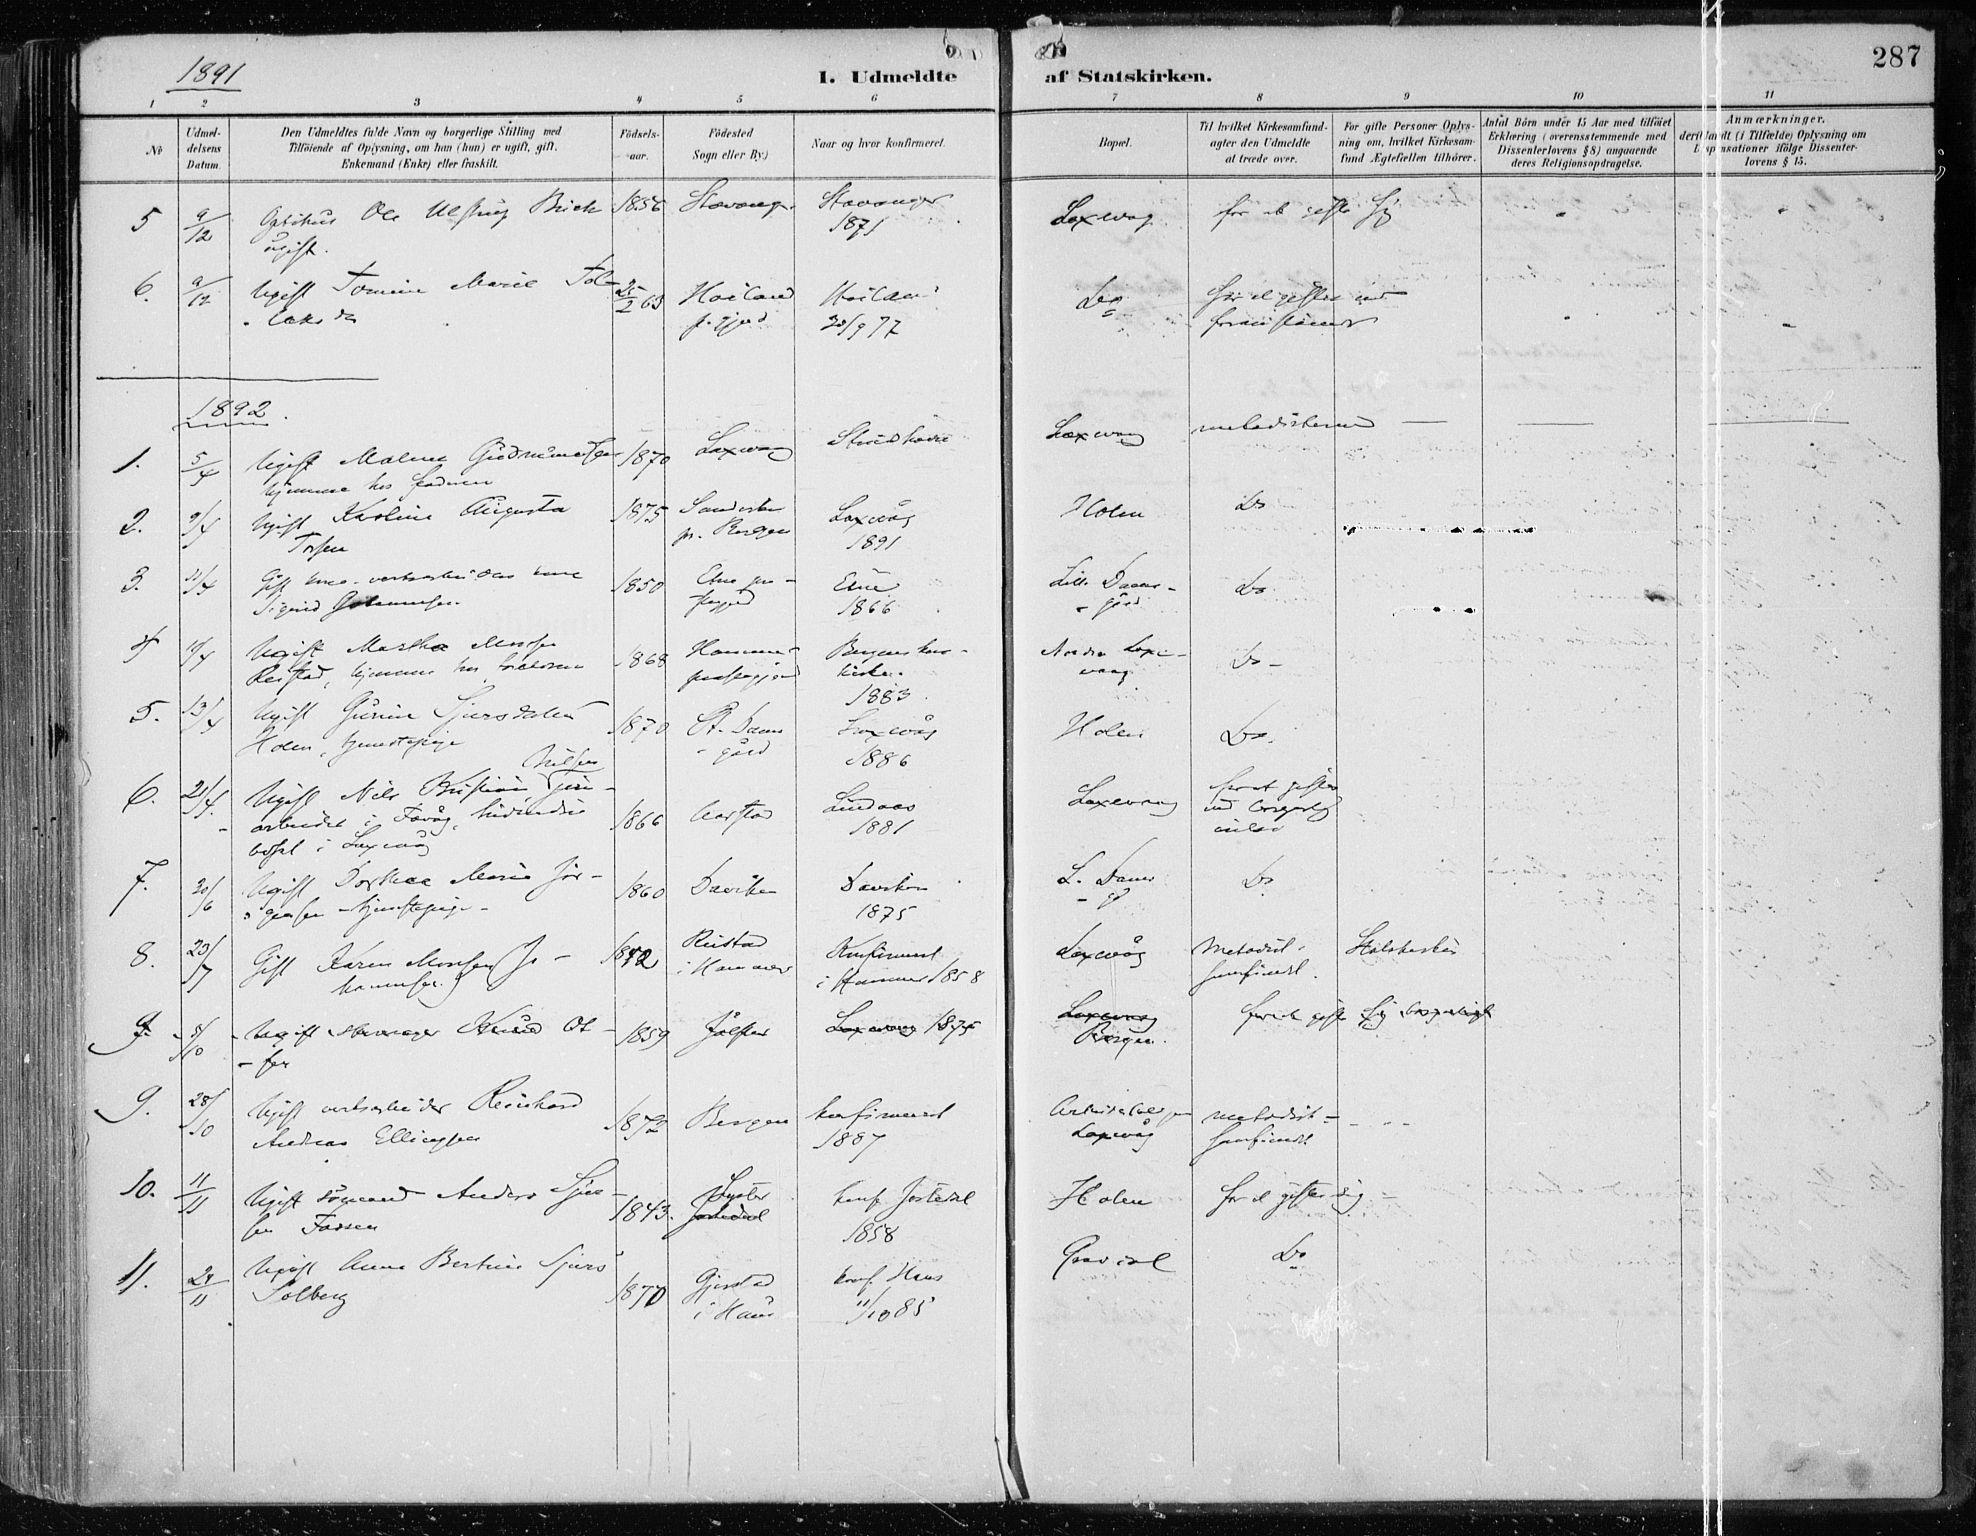 SAB, Askøy Sokneprestembete, H/Ha/Haa/Haae/L0003: Ministerialbok nr. E 3, 1891-1903, s. 287